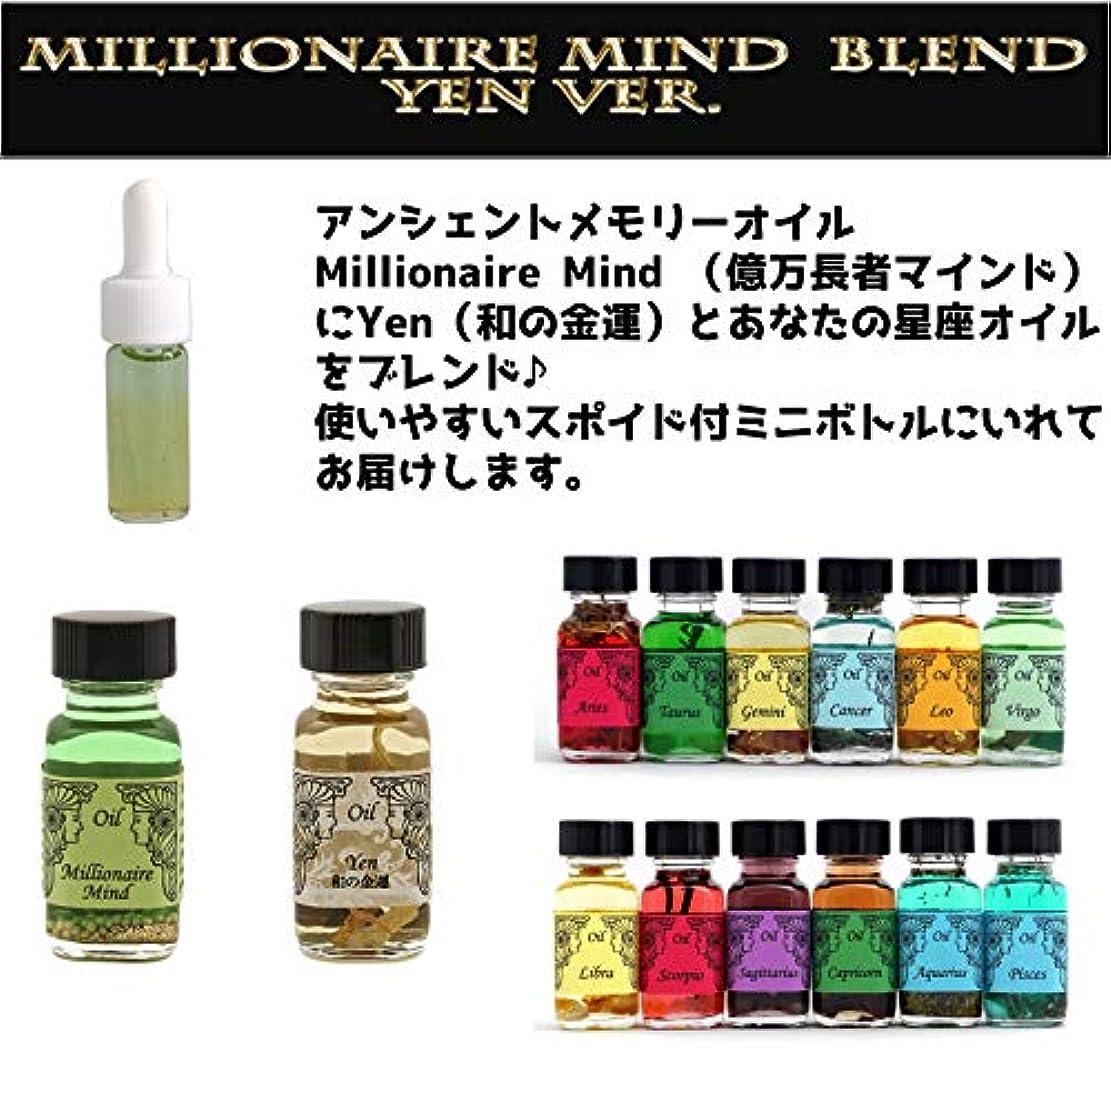 アルバニー間隔世論調査アンシェントメモリーオイル Millionaire Mind 億万長者マインド ブレンド【Yen 和の金運&みずがめ座】